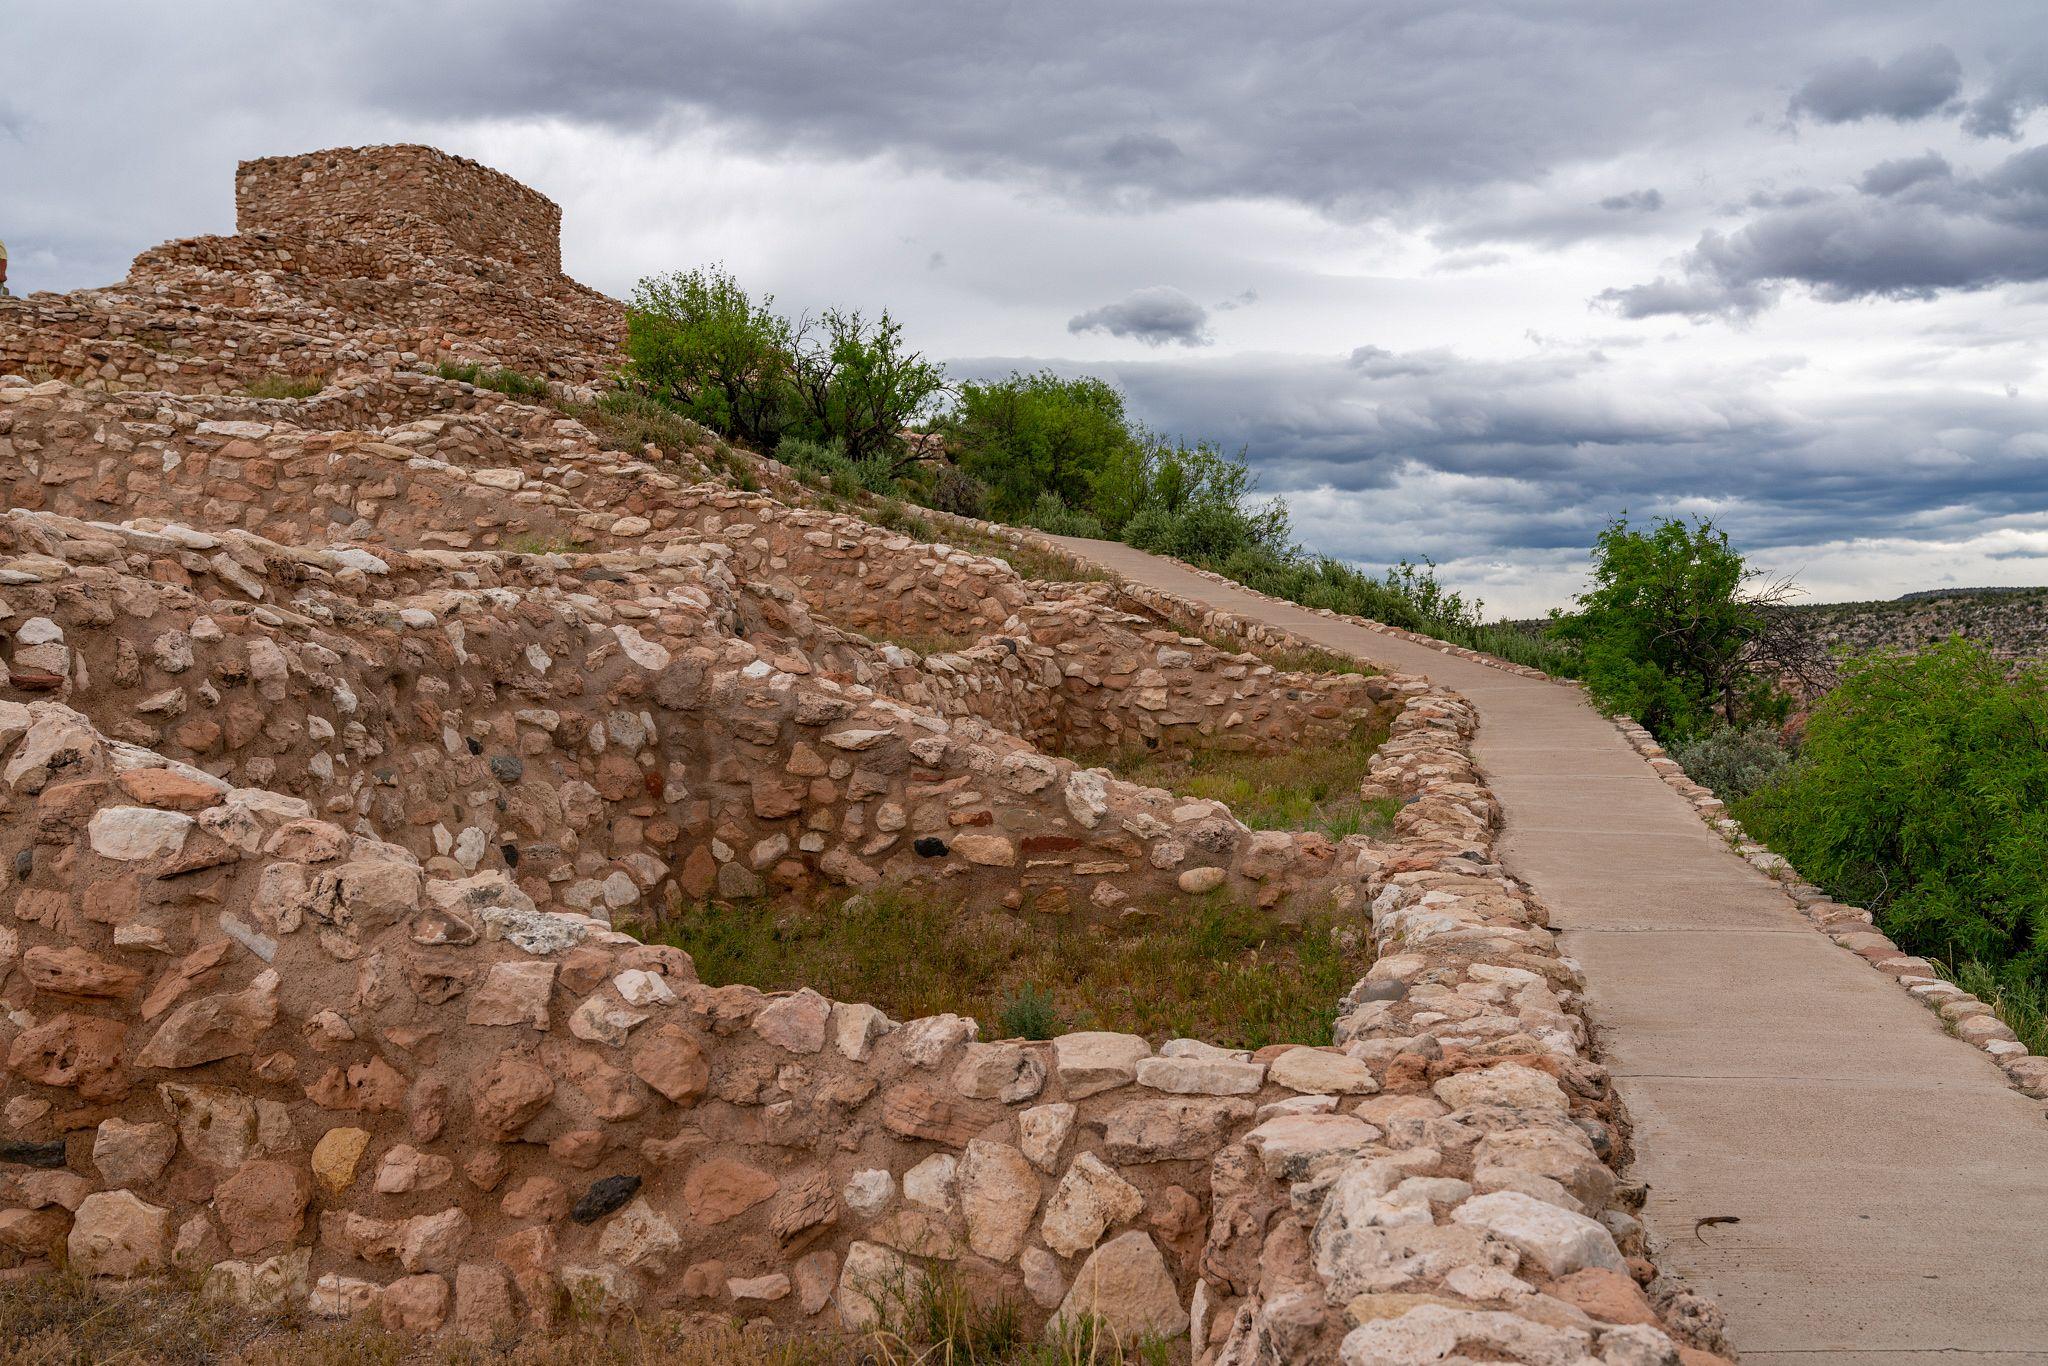 Tuzigoot Trail